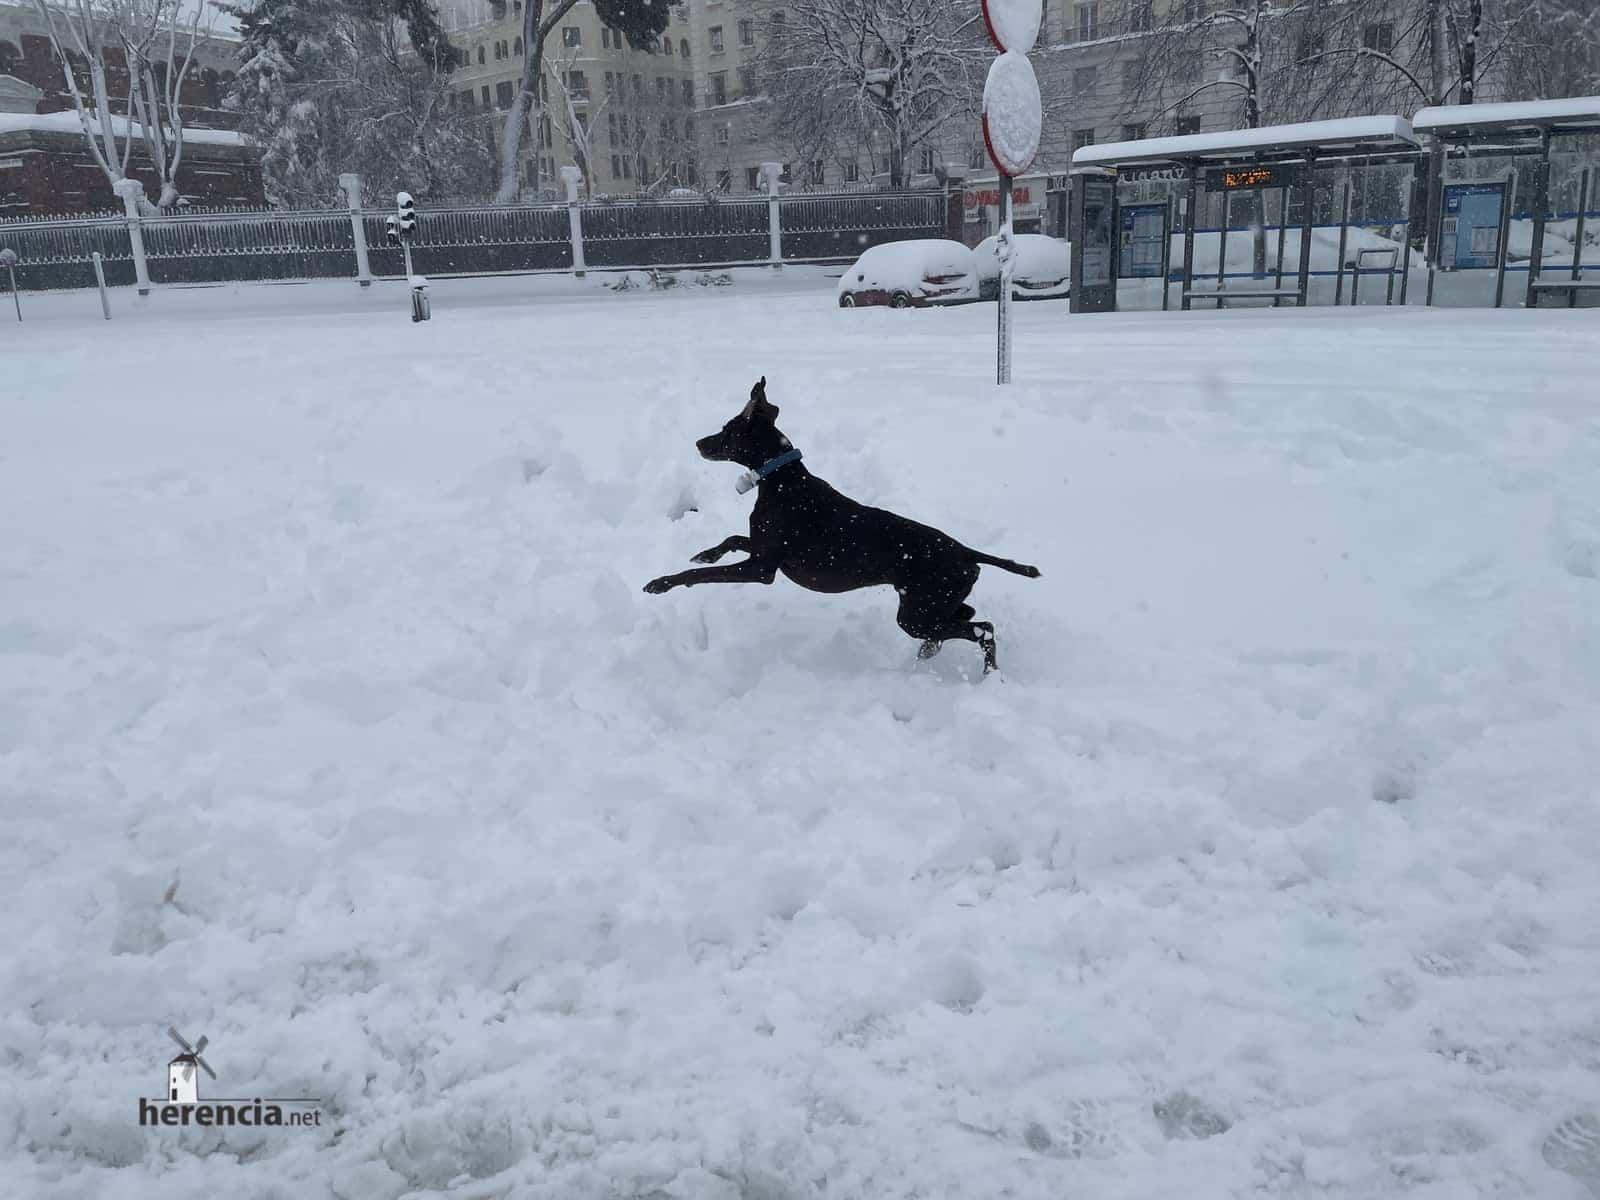 Más fotografías de las nieves de 2021 en Herencia 170